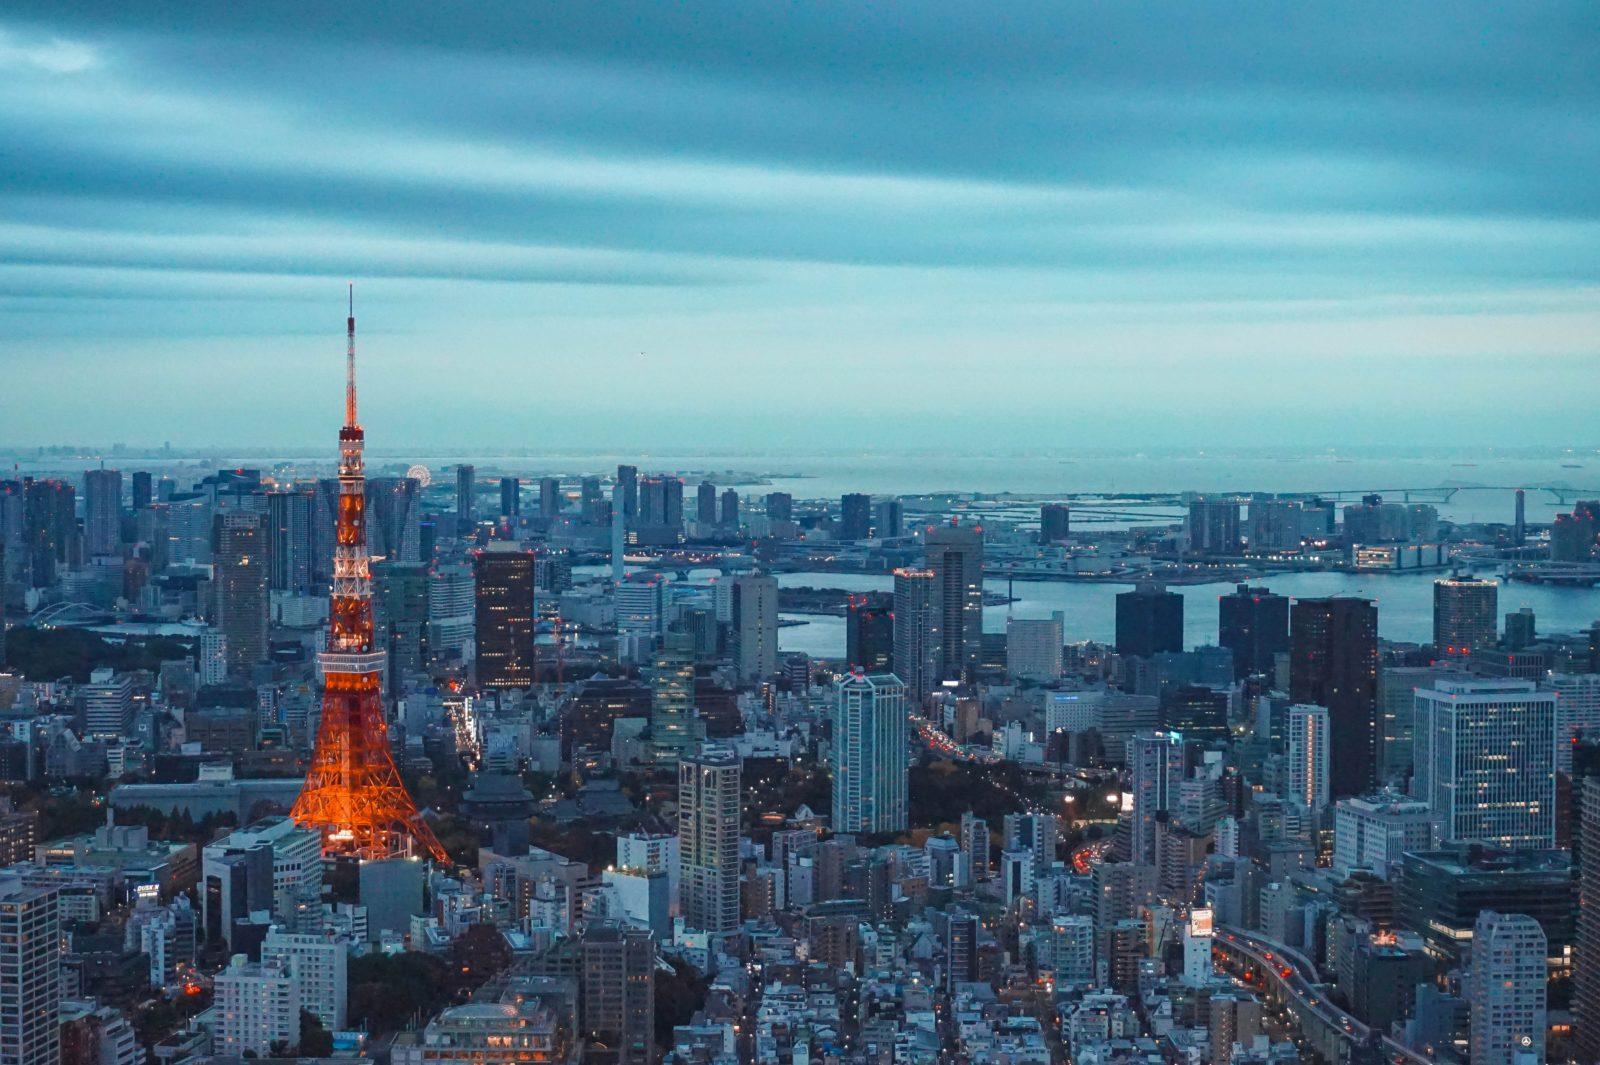 東京でアパレルの仕事がしたい!上京して求人を探す注意点とおすすめの方法